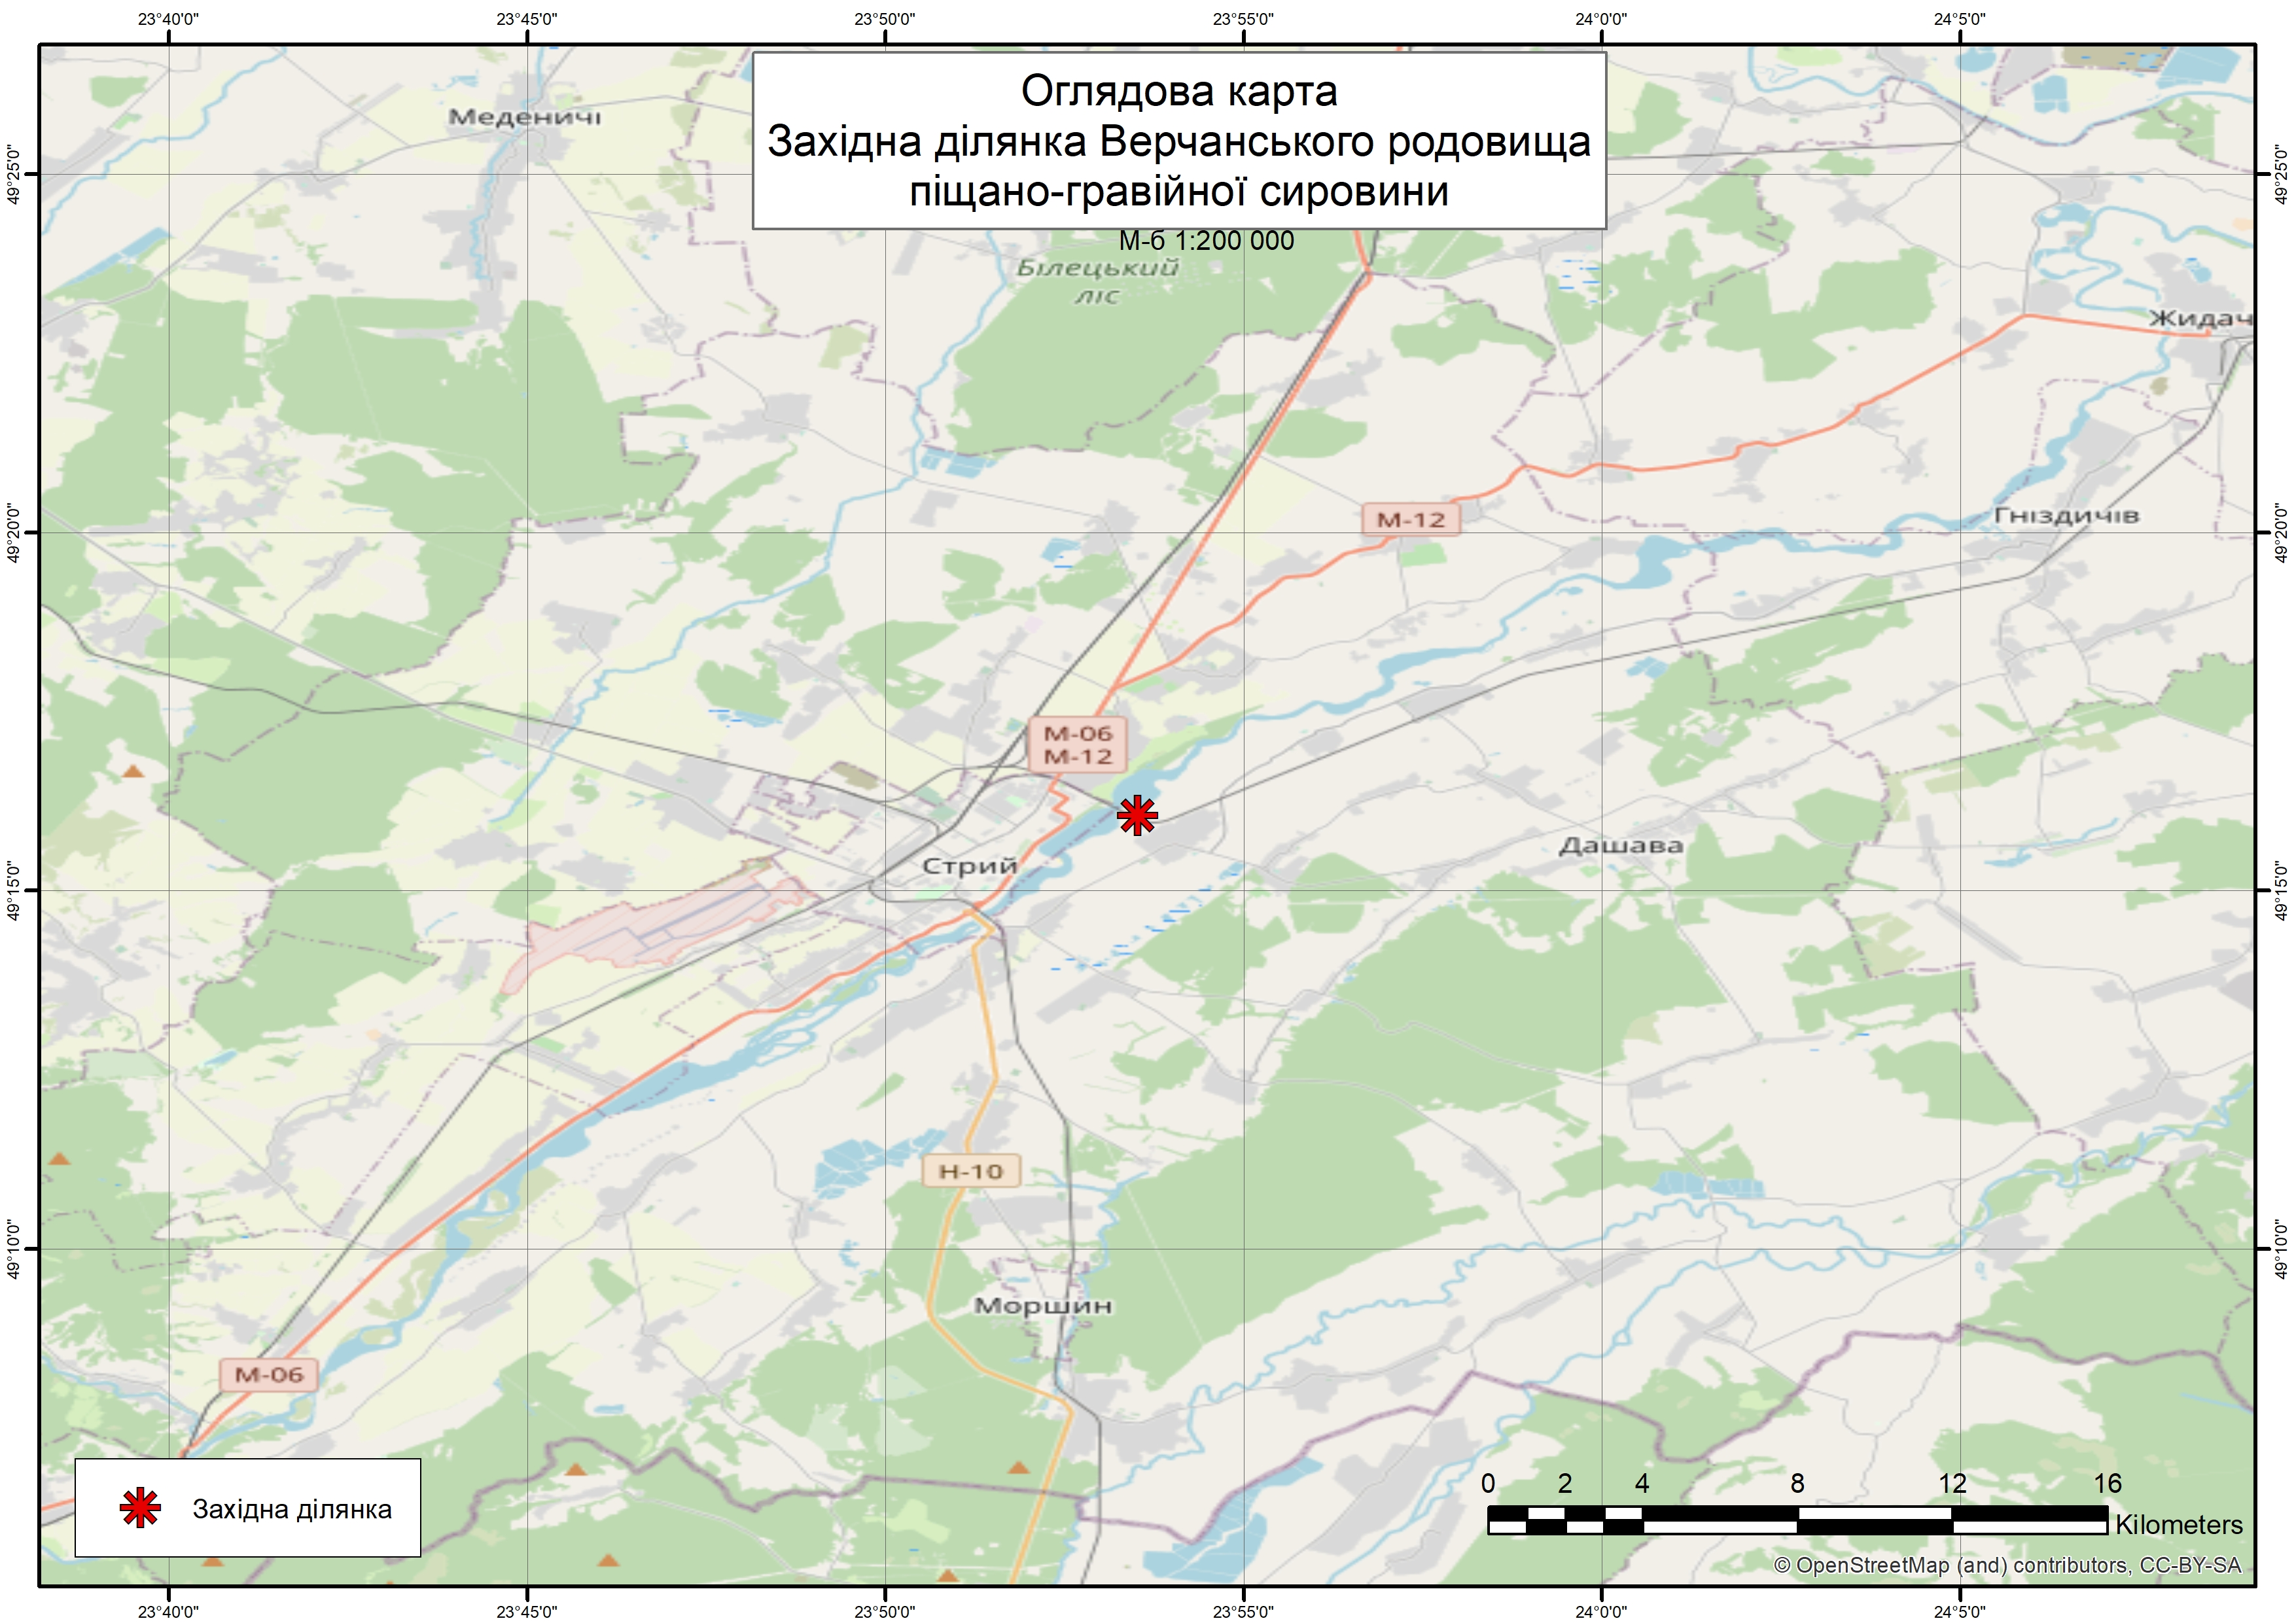 Спеціальний дозвіл на користування надрами – Західна ділянка Верчанського родовища. Вартість геологічної інформації – 101 401,27 грн (з ПДВ). Вартість пакету аукціонної документації – 4 500 грн (з ПДВ).